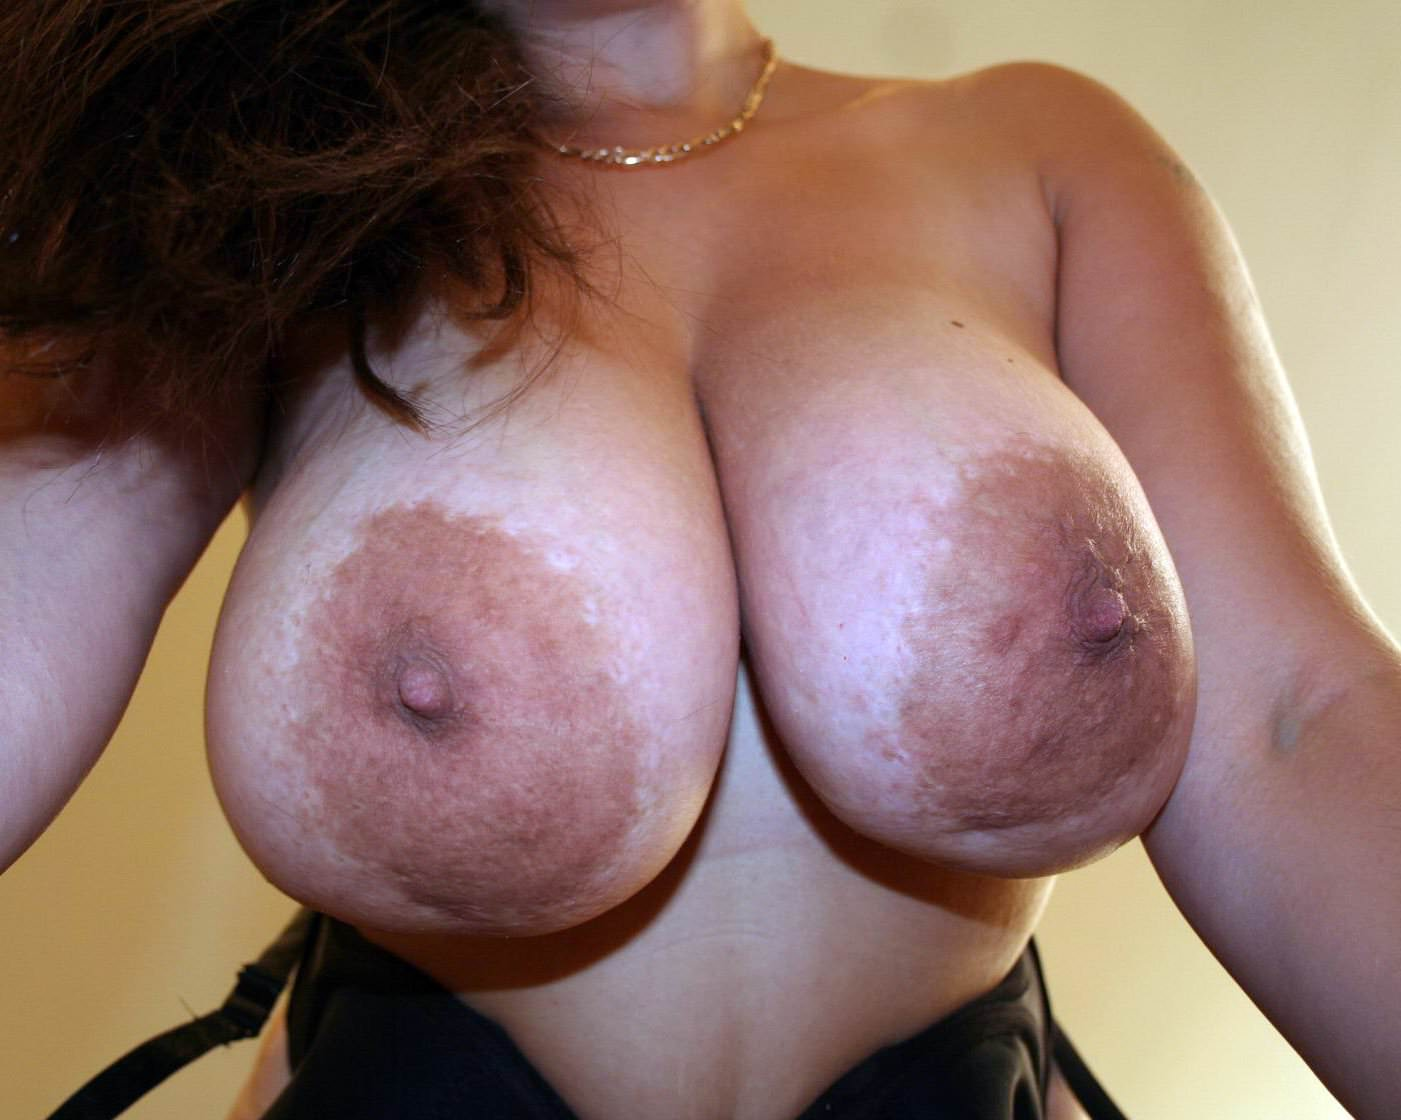 самые большие женские груди и соски - 6